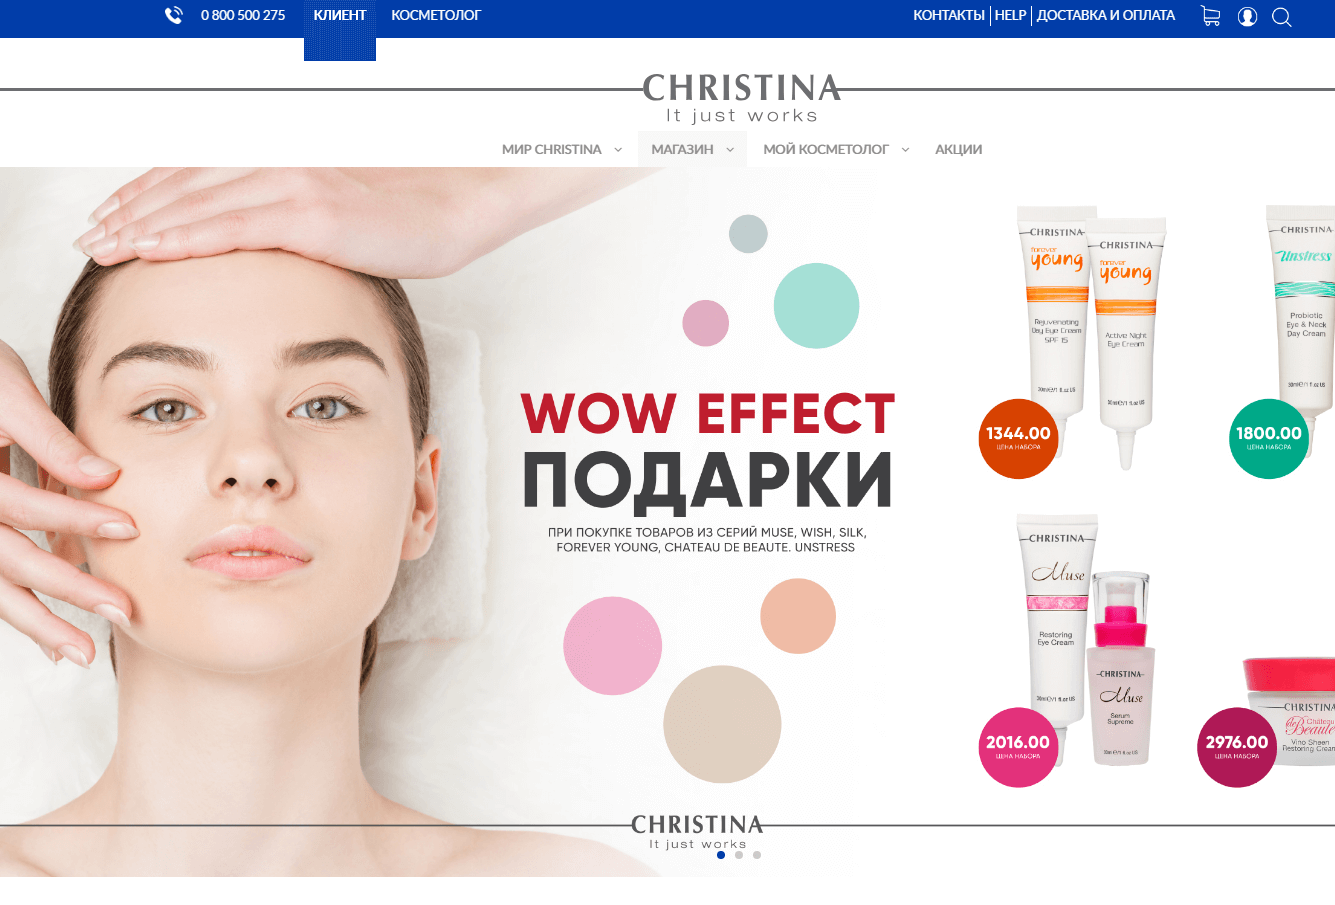 Профессиональная косметика christina купить туалетная вода perceive avon